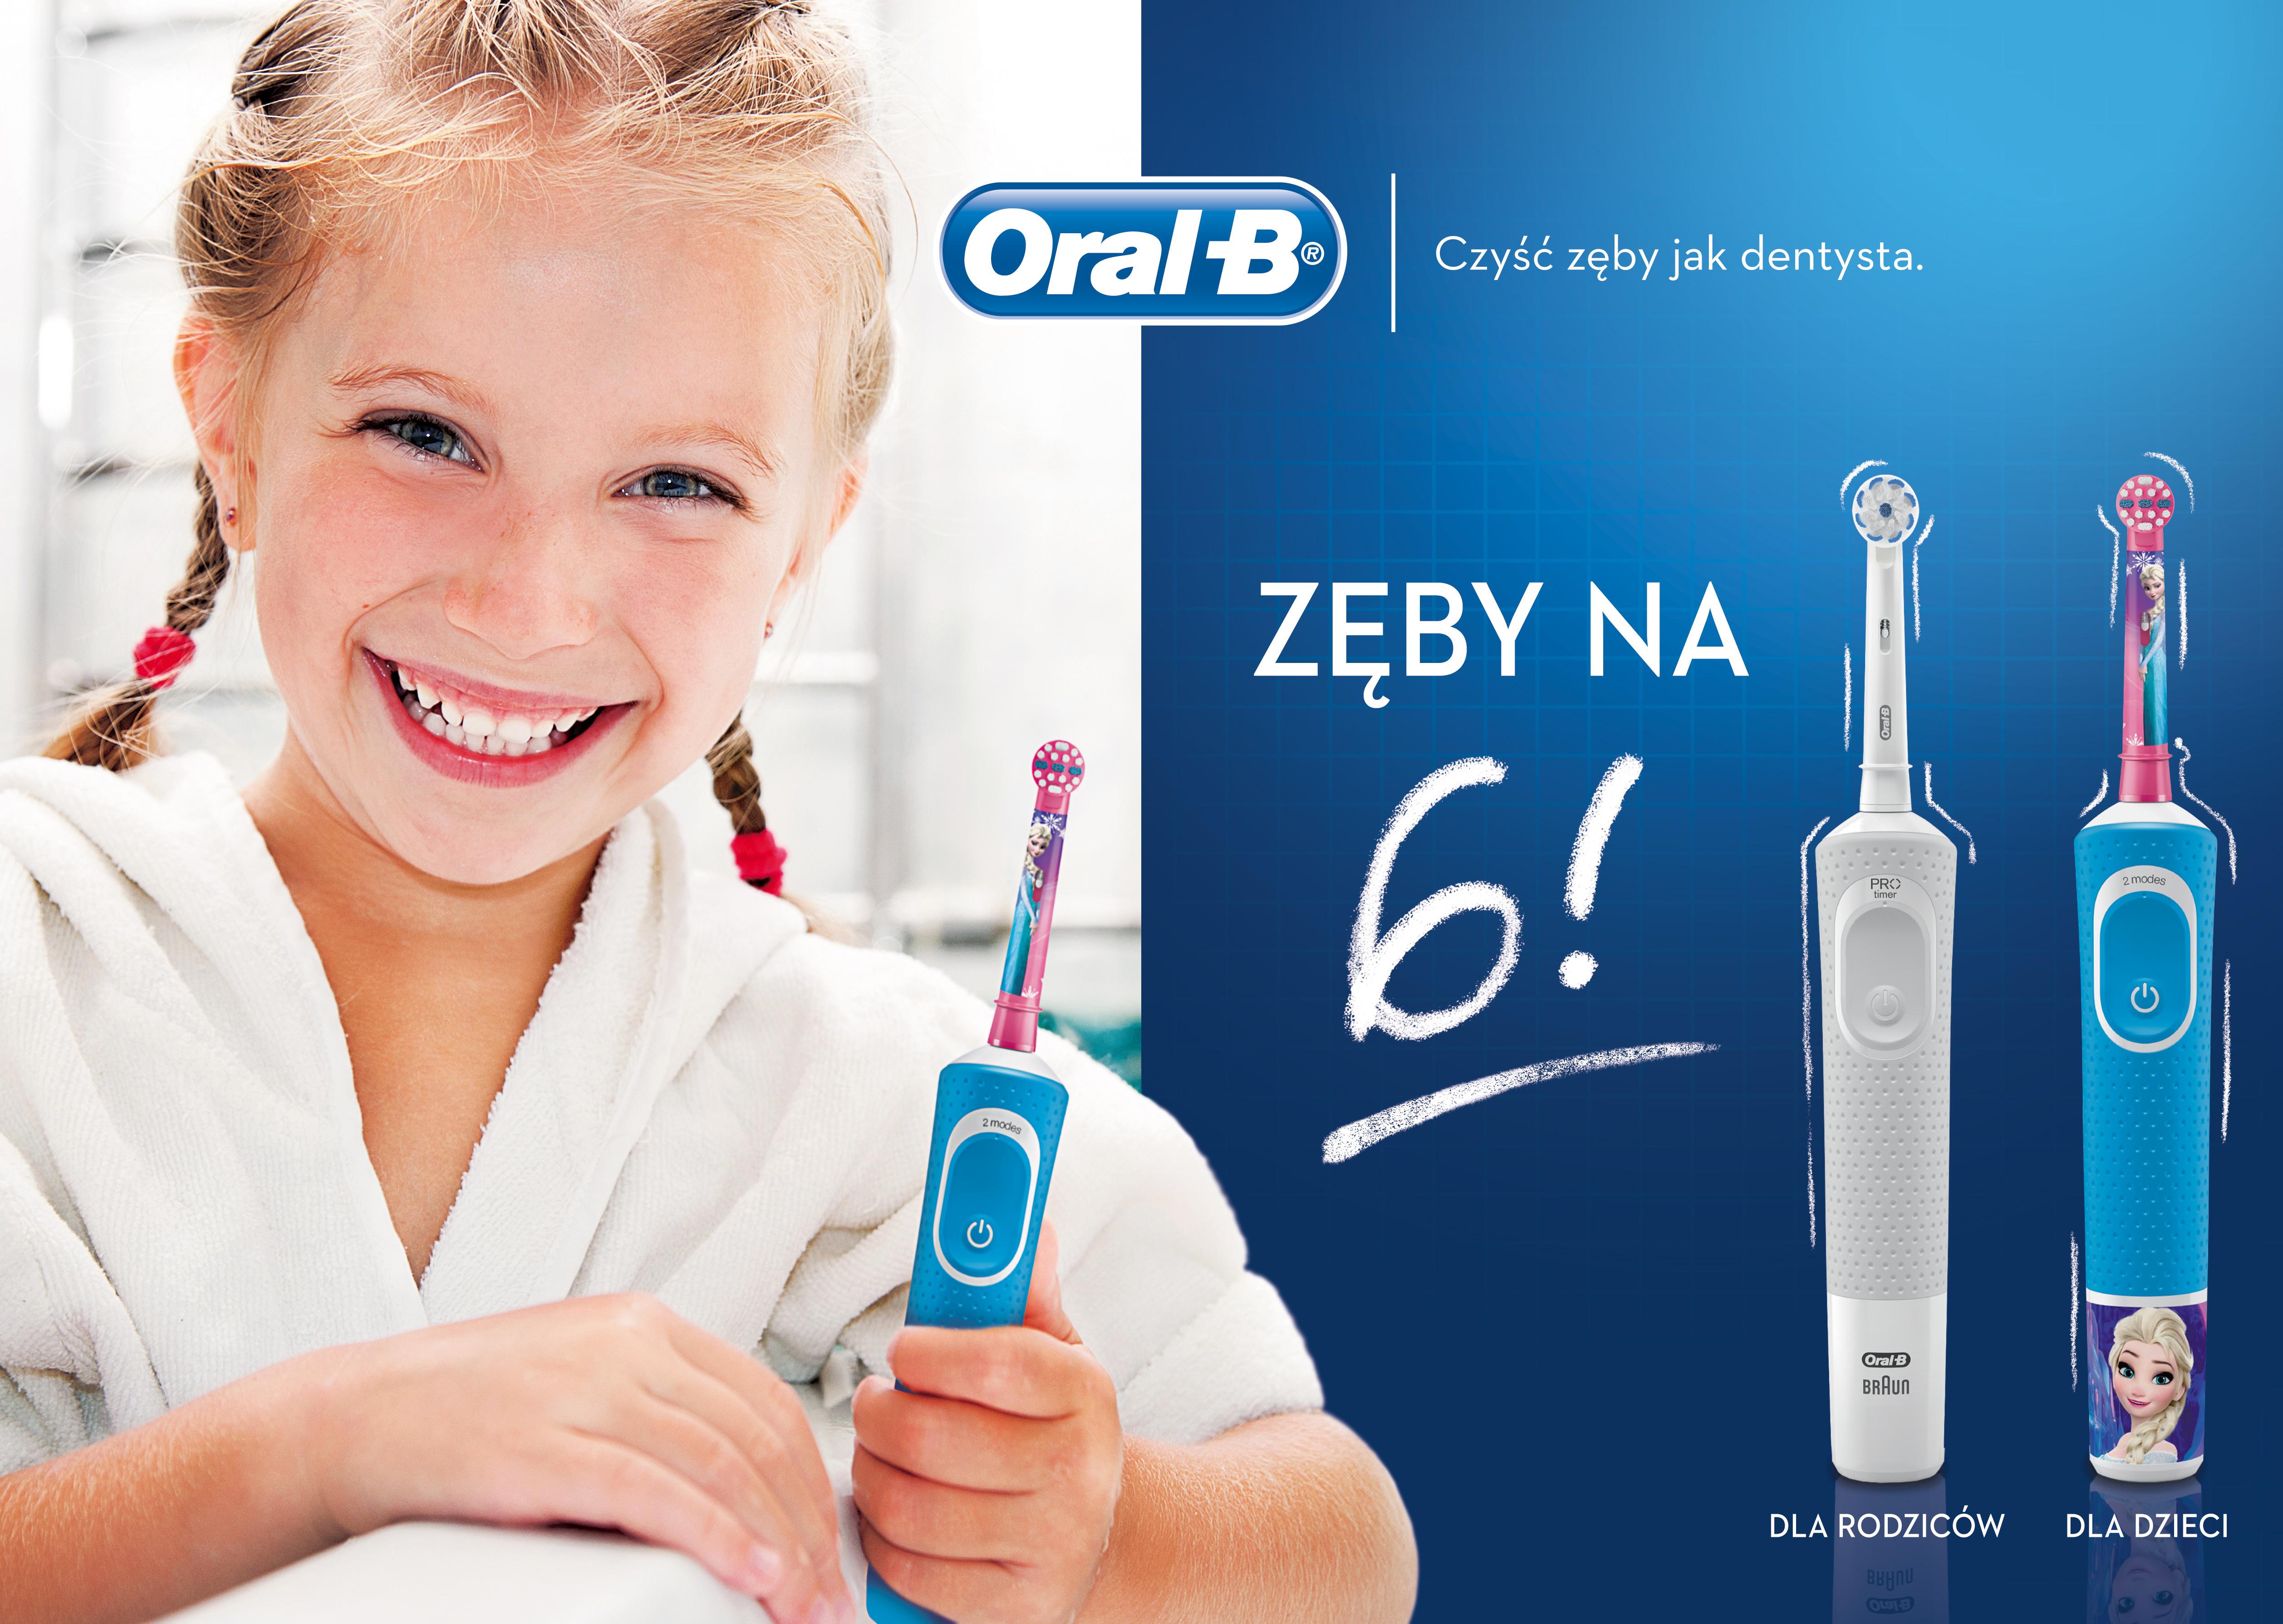 Zęby na 6!